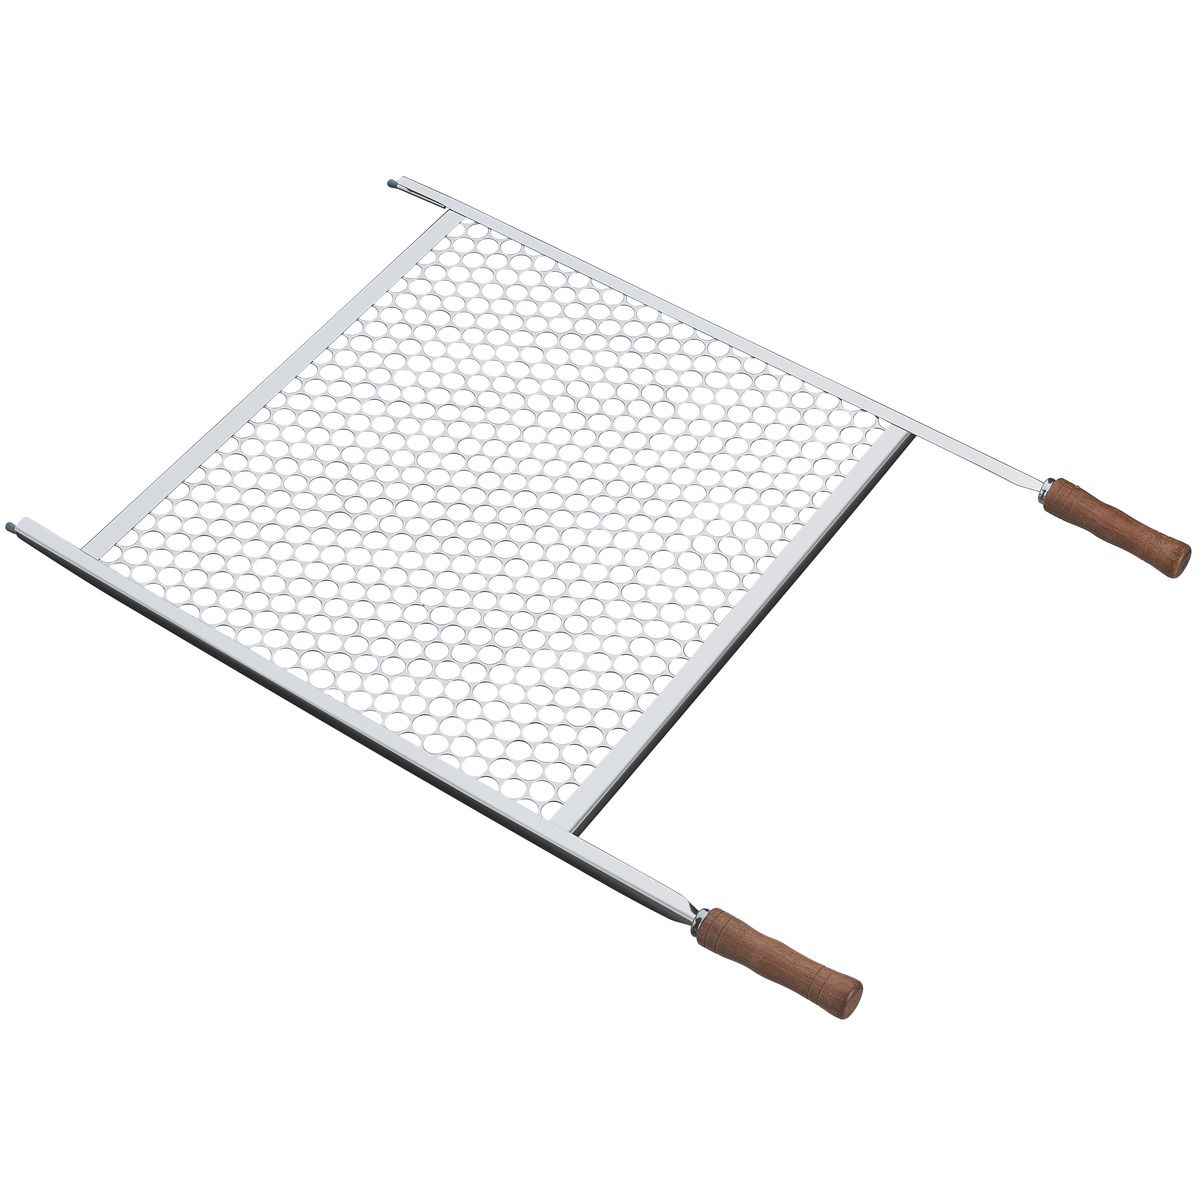 Grelha de aço inox 26490/002   Lojas Estrela